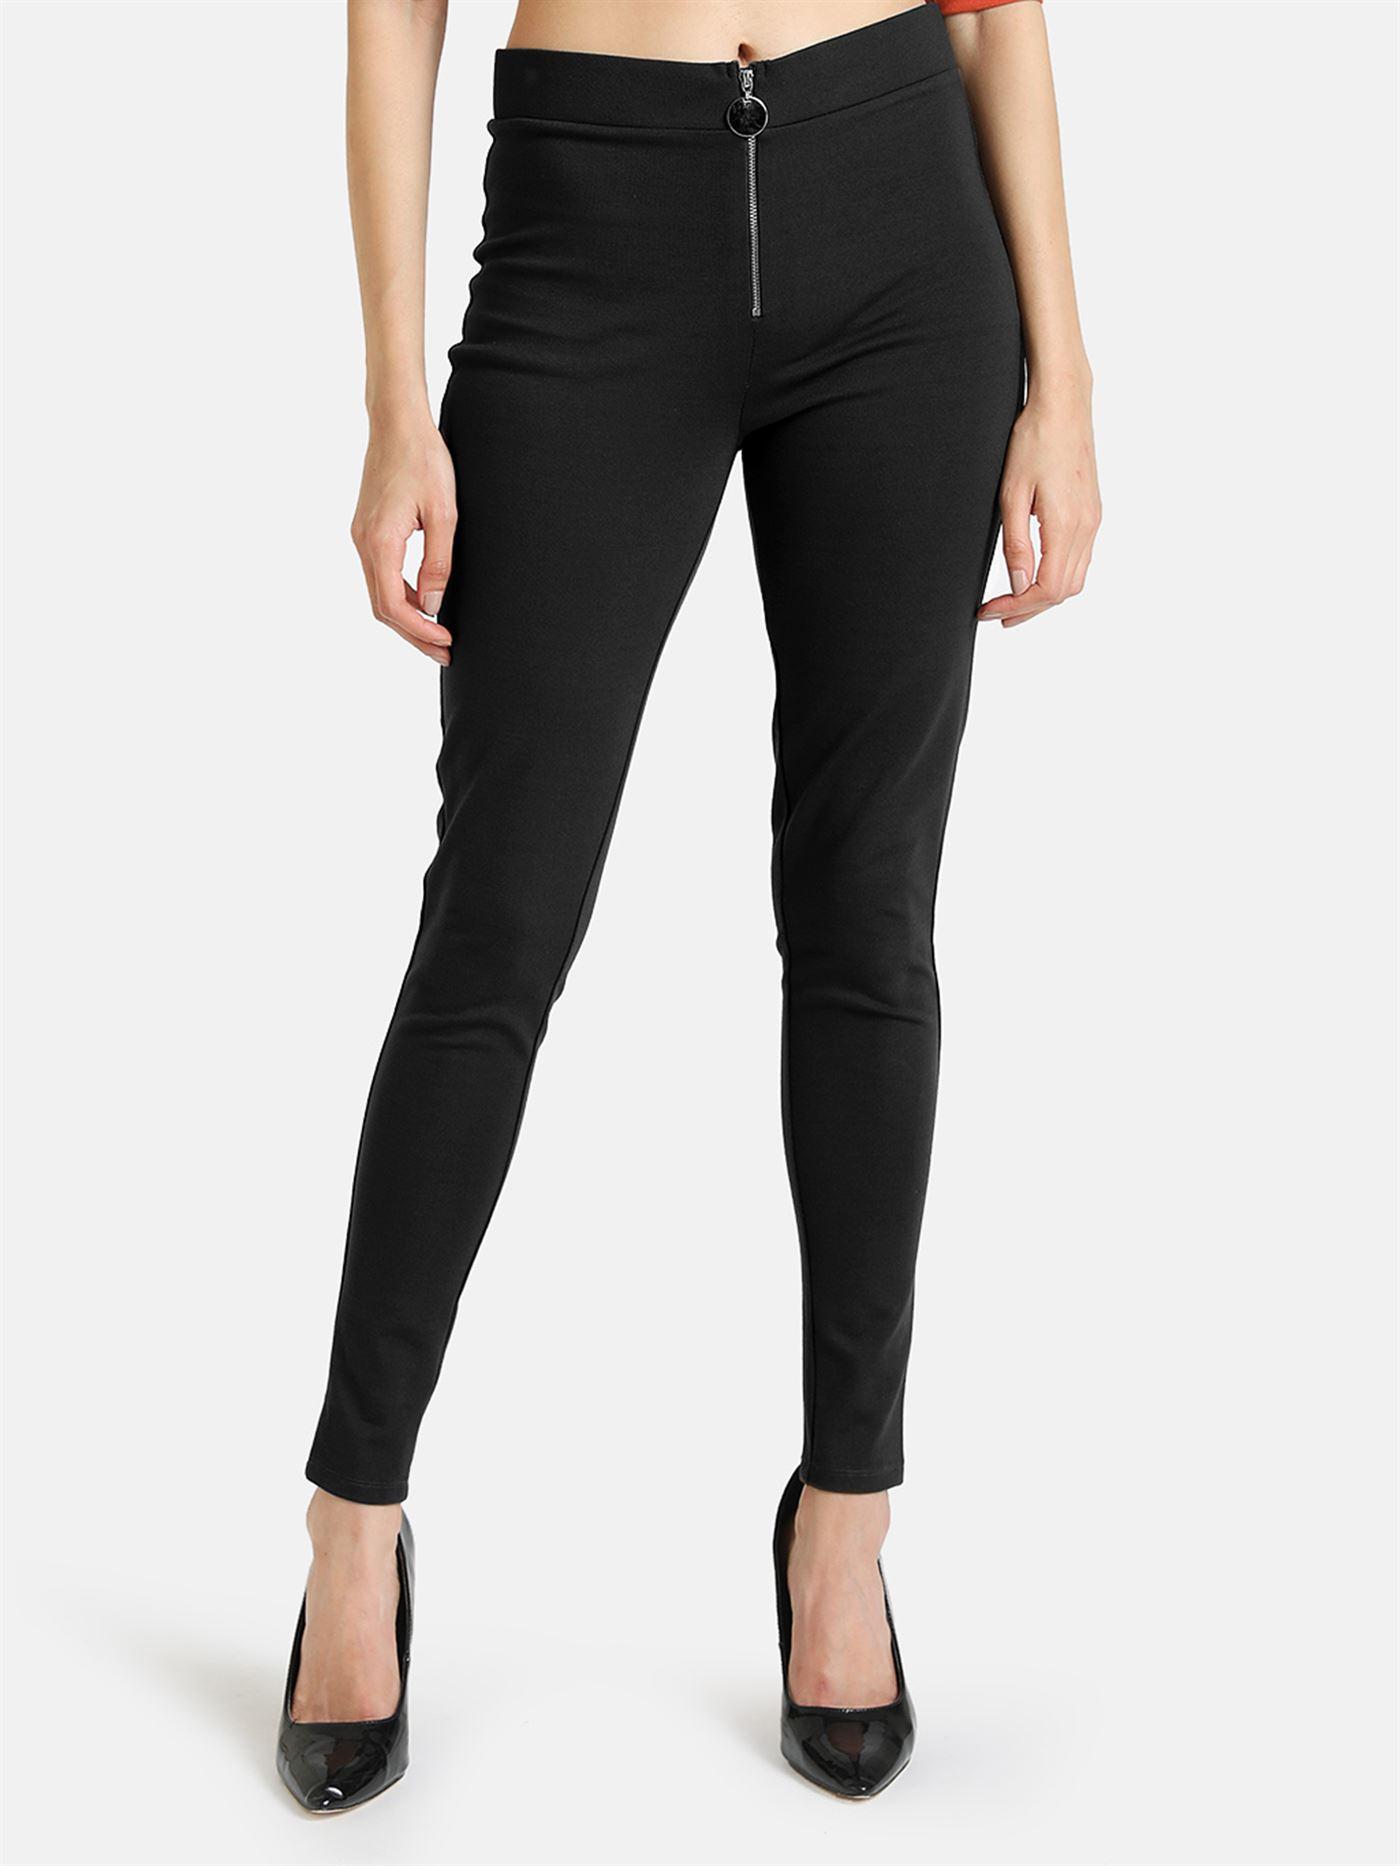 Kazo Women Casual Wear Black Jegging